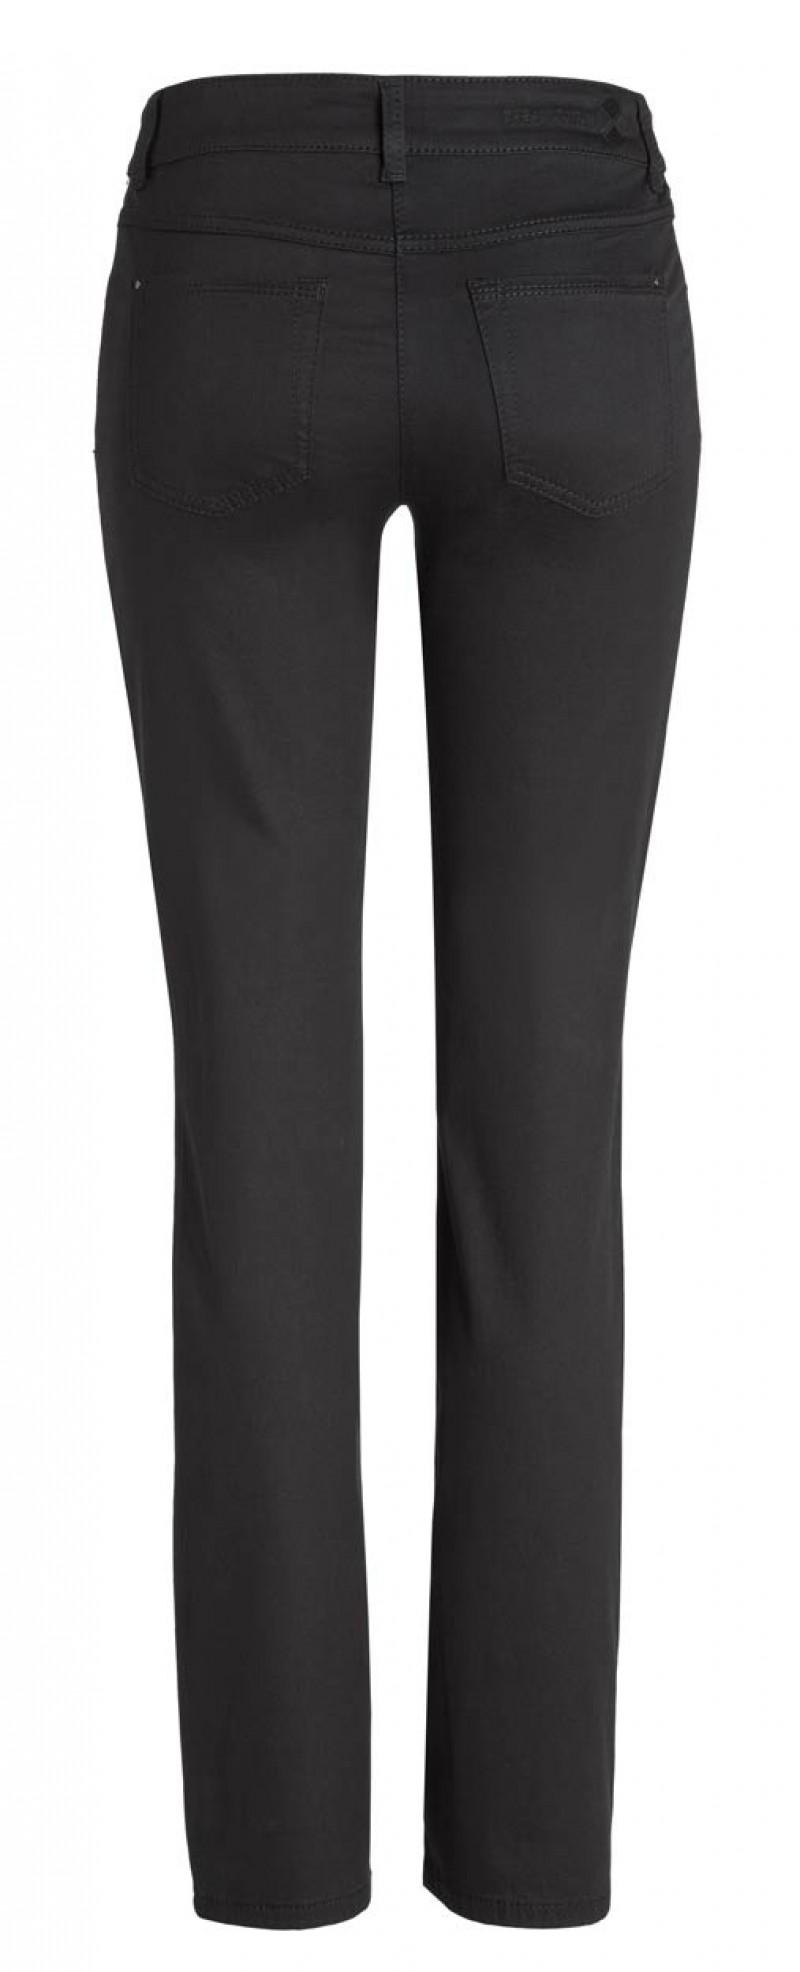 Mac Dream Cotton Hose - Super Stretch - Black